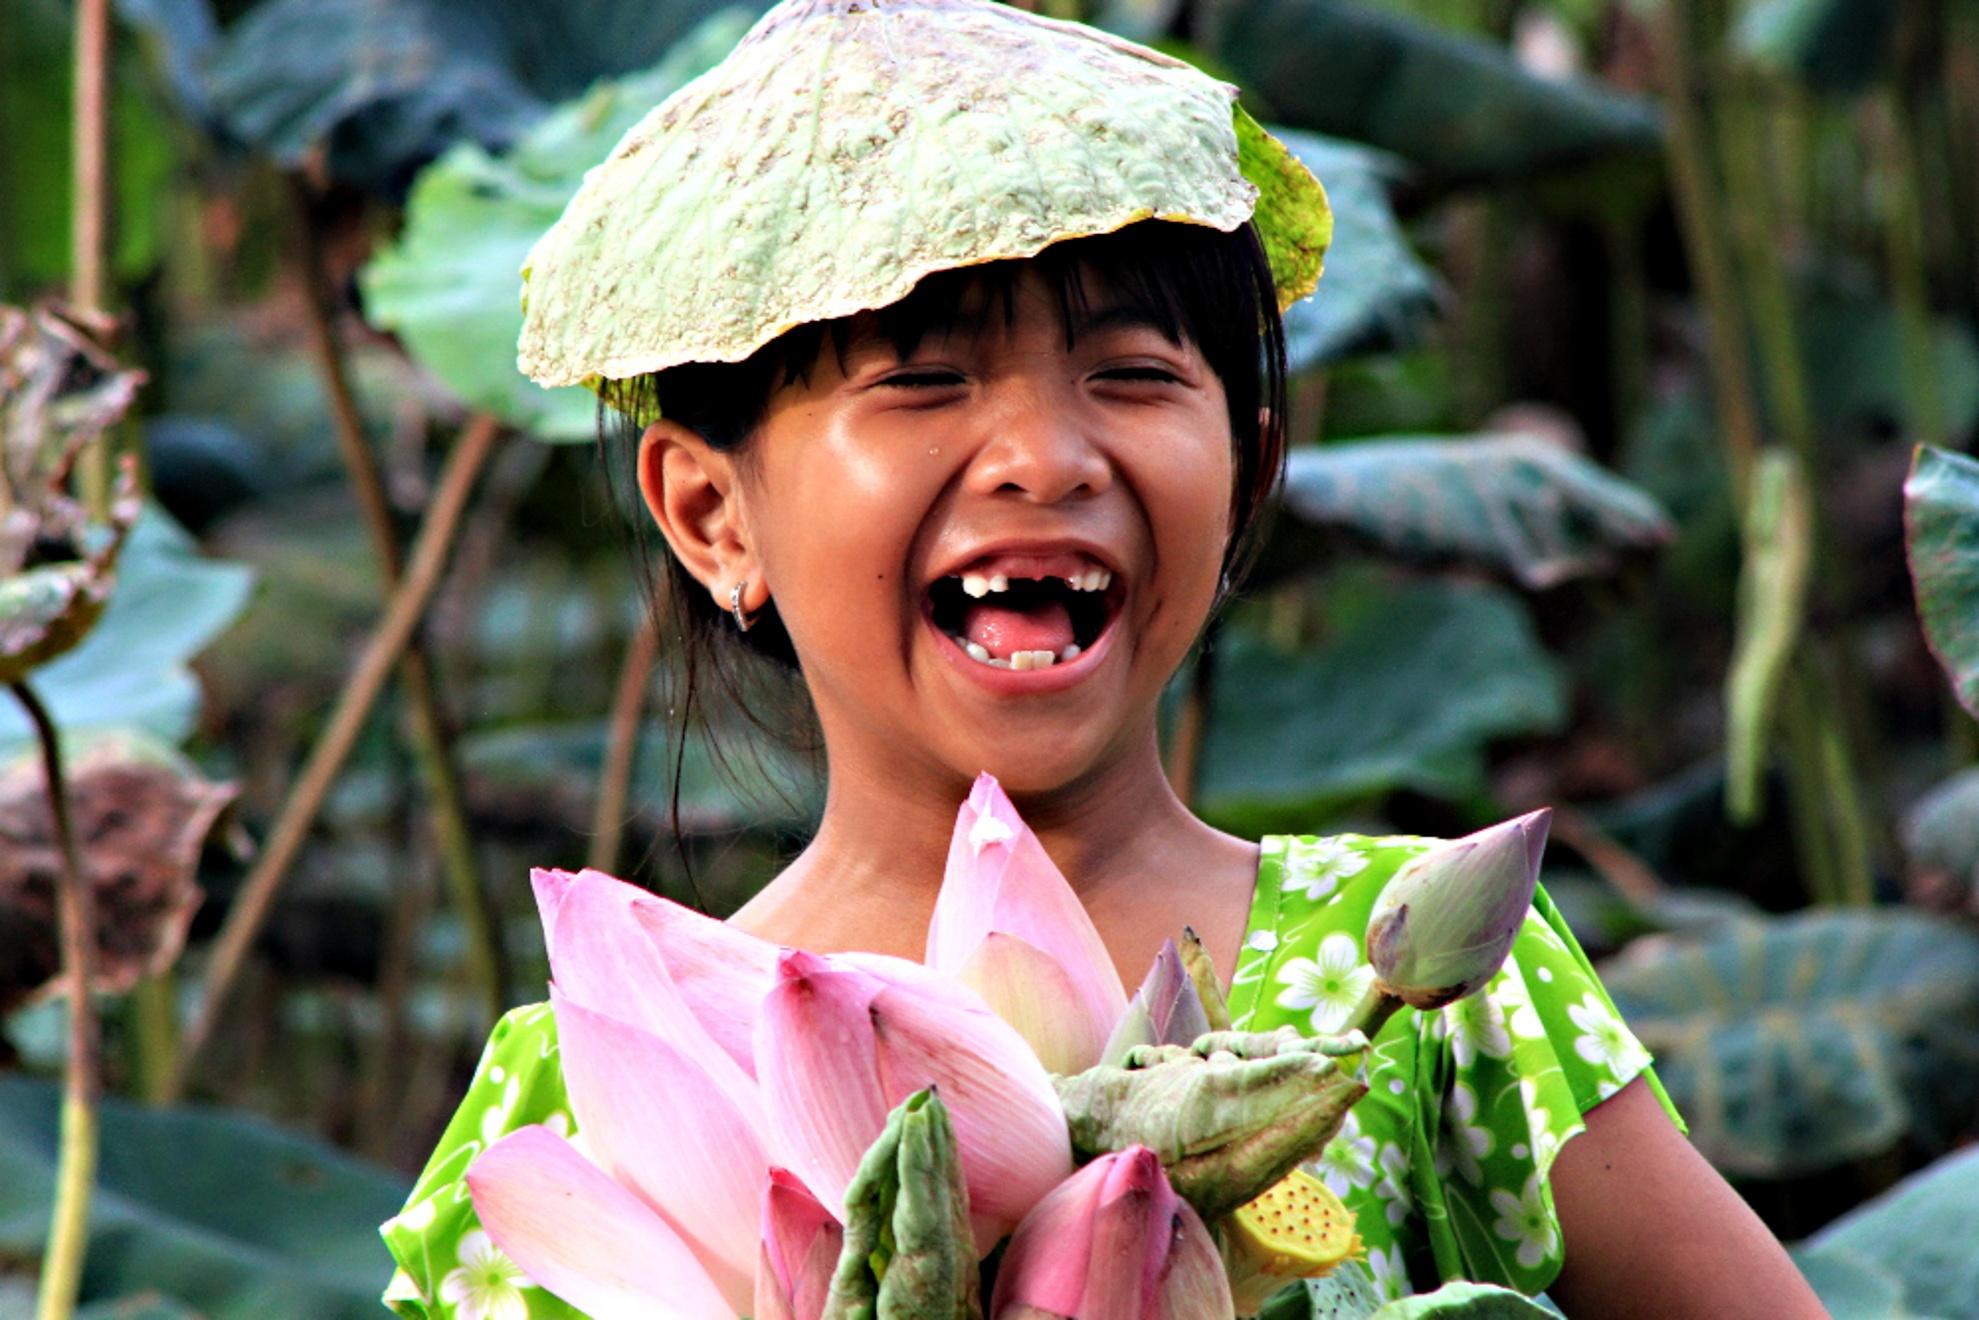 поздравление от вьетнамцев смешное днем